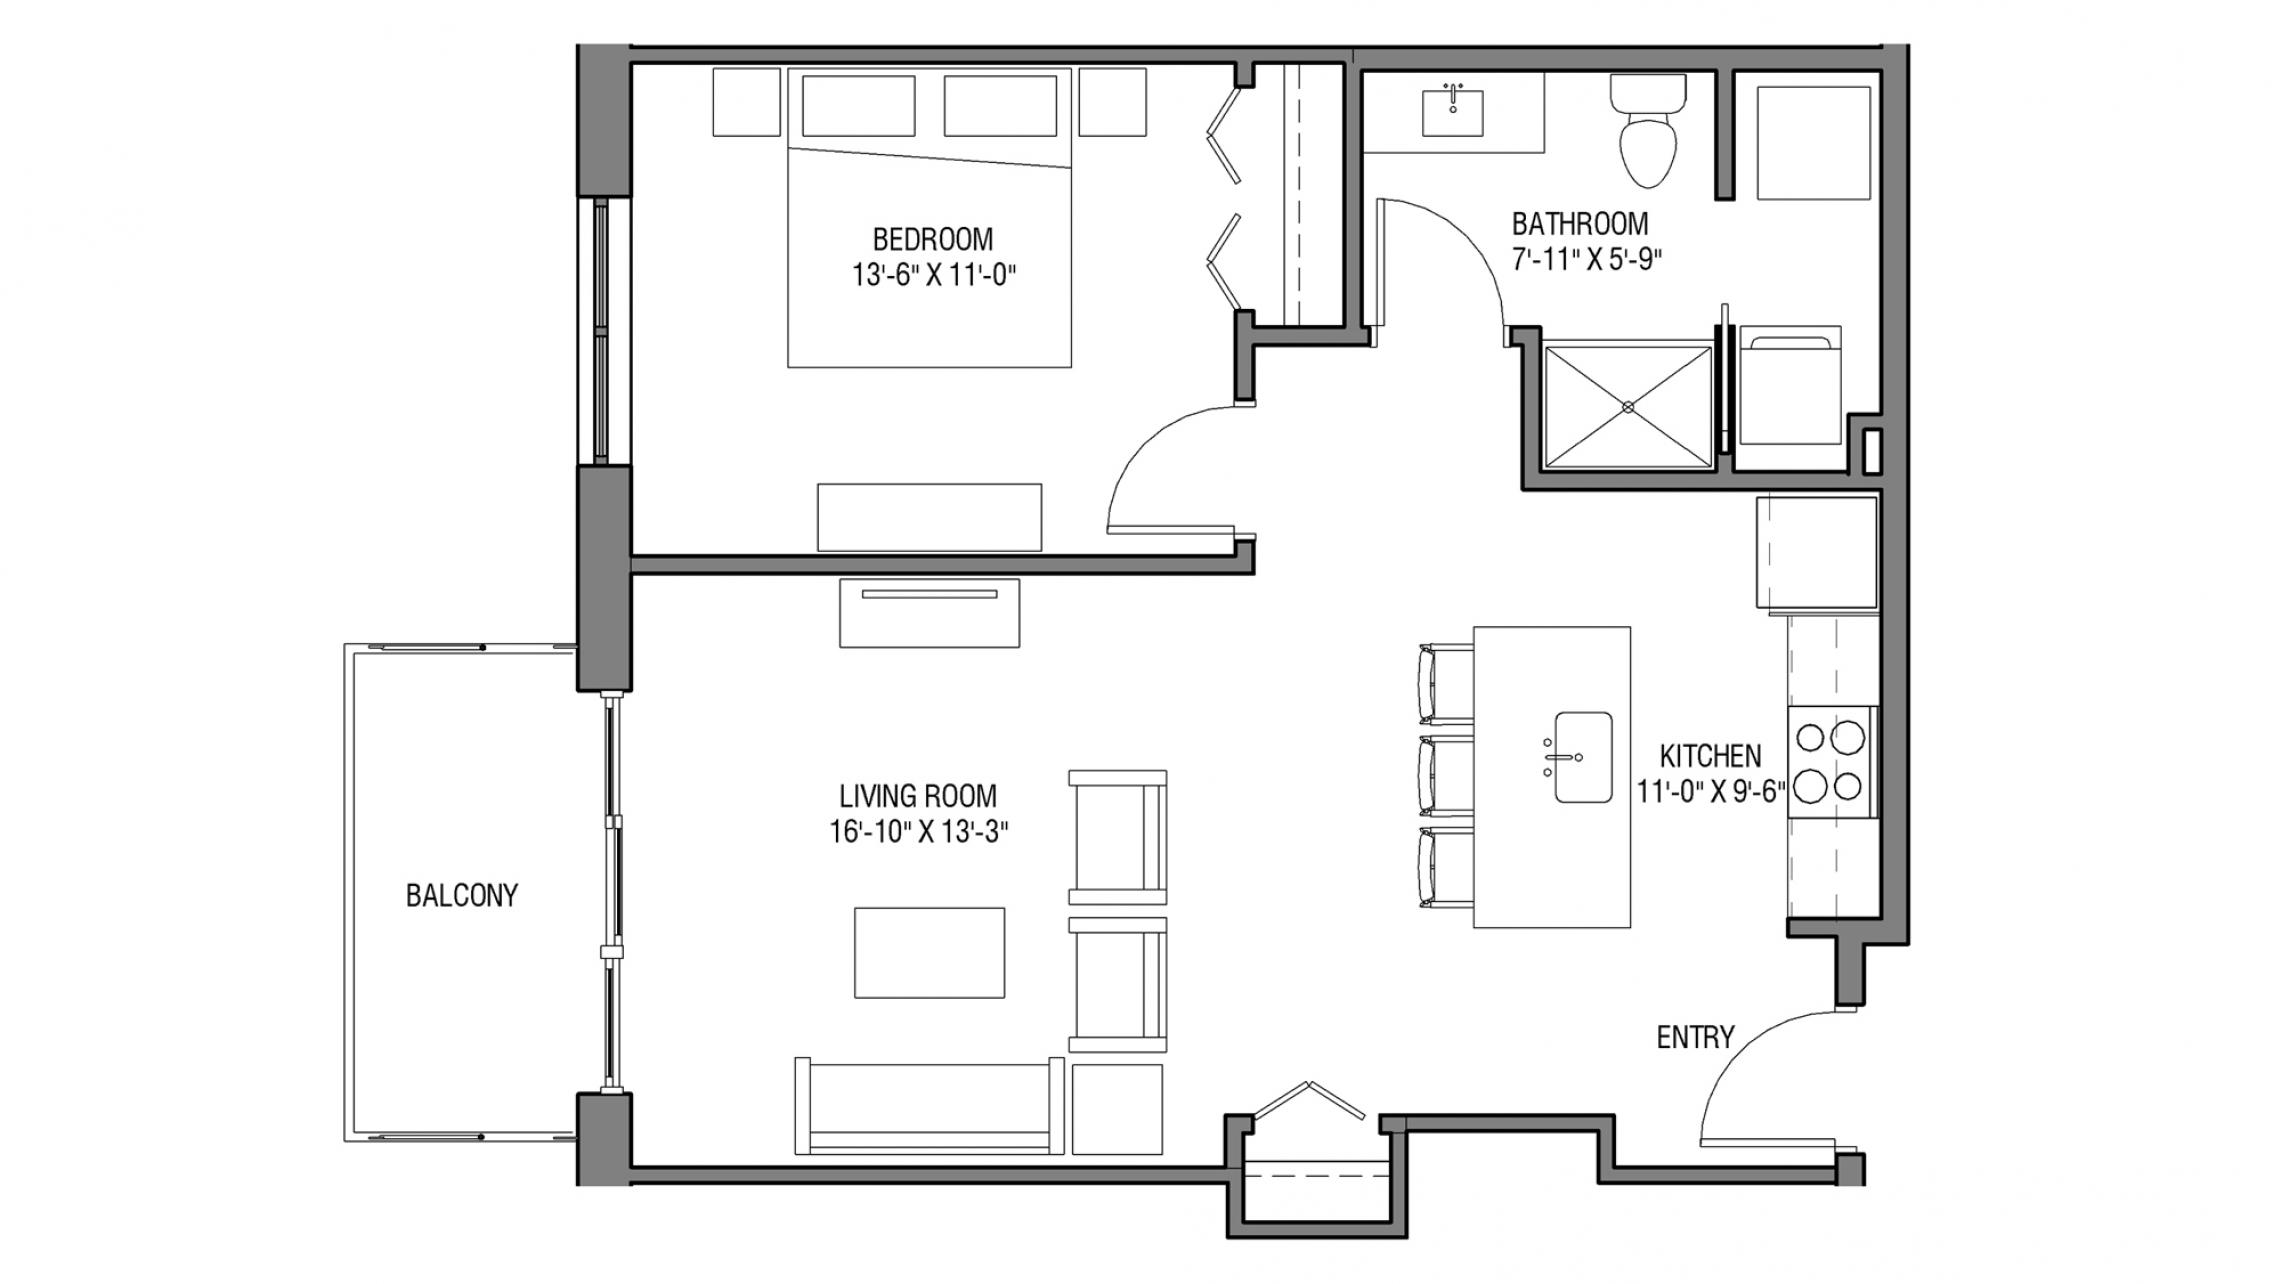 ULI Nine Line 516 - One Bedroom, One Bathroom